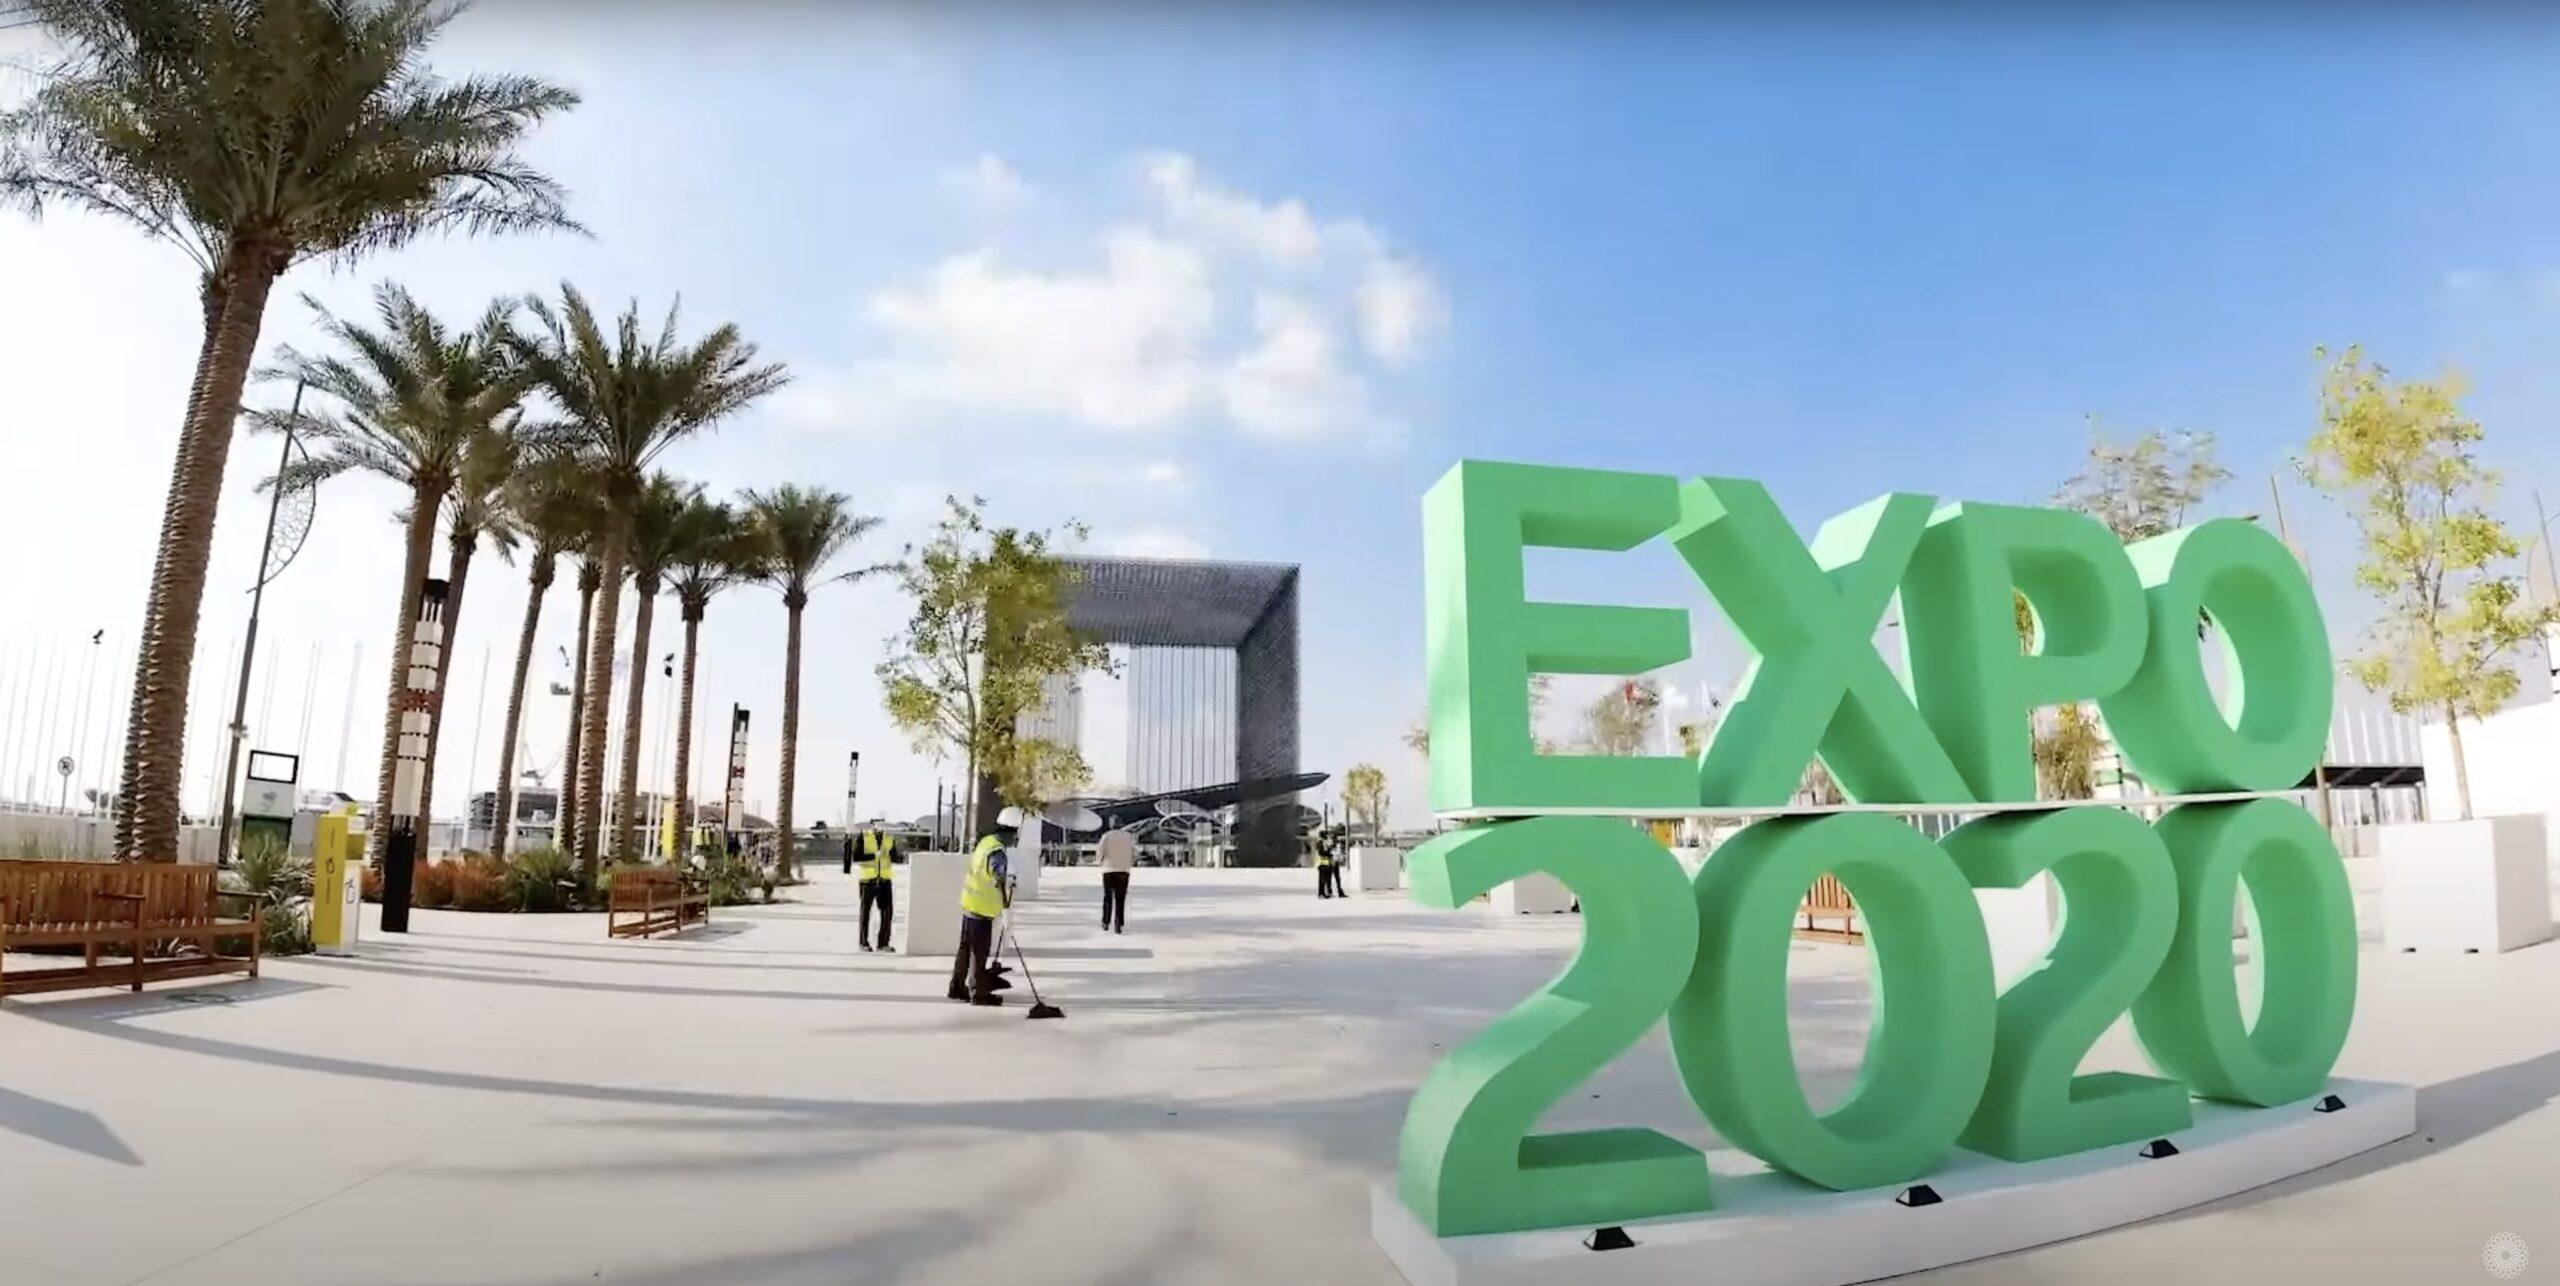 Dubaï s'ouvre à l'univers : expo 2020